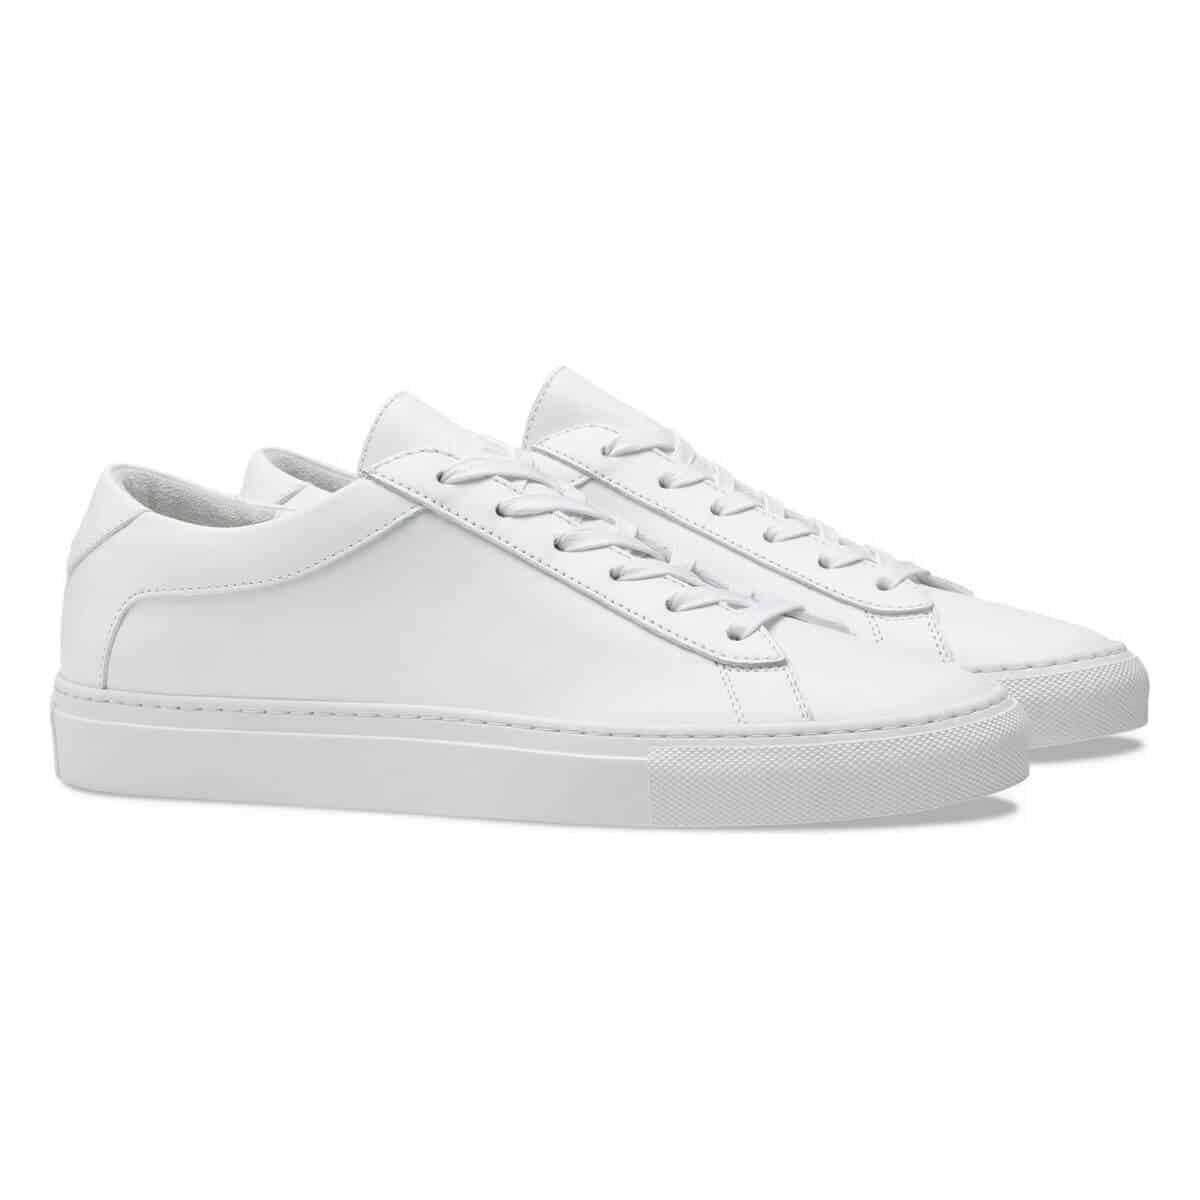 KOIO white sneakers.